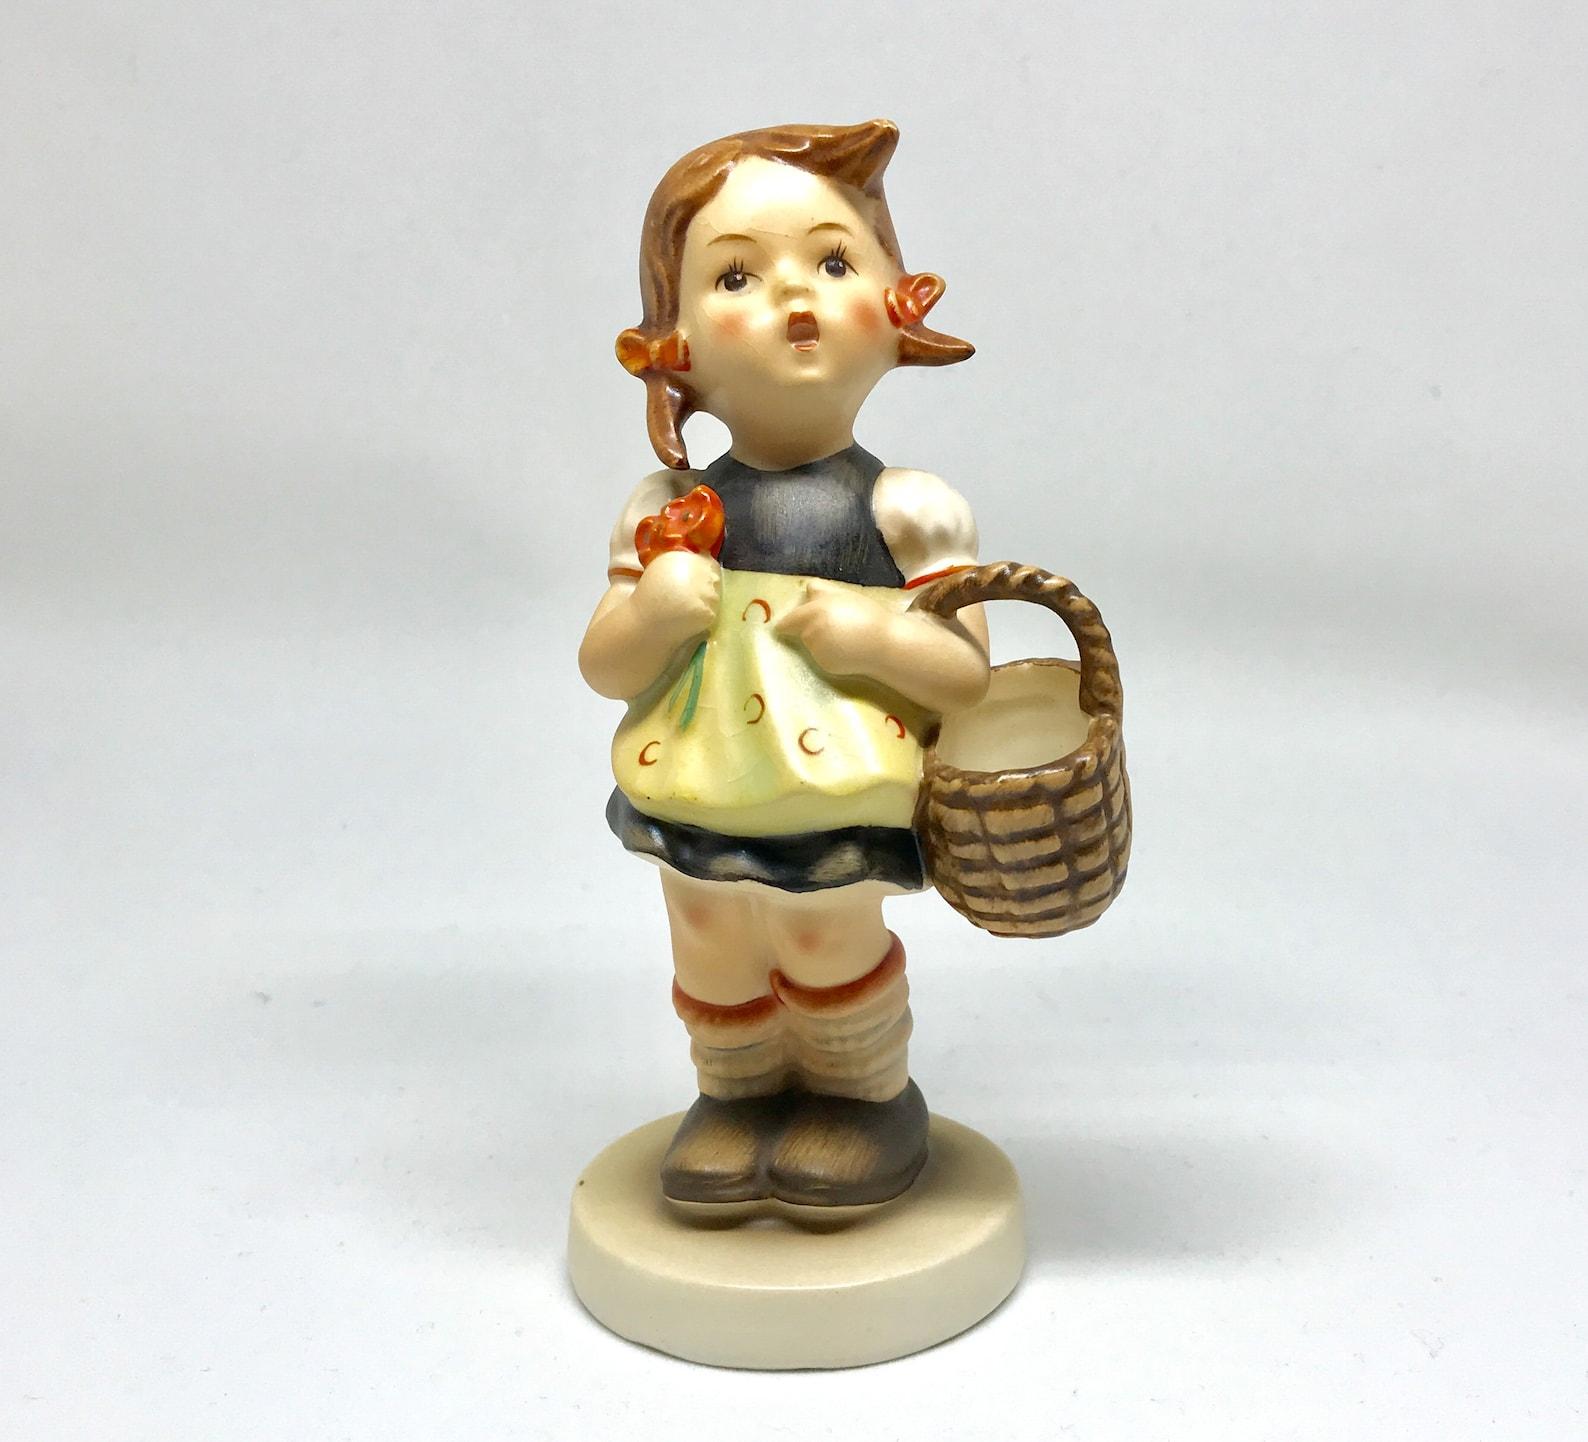 Hummel Figurine, Sister